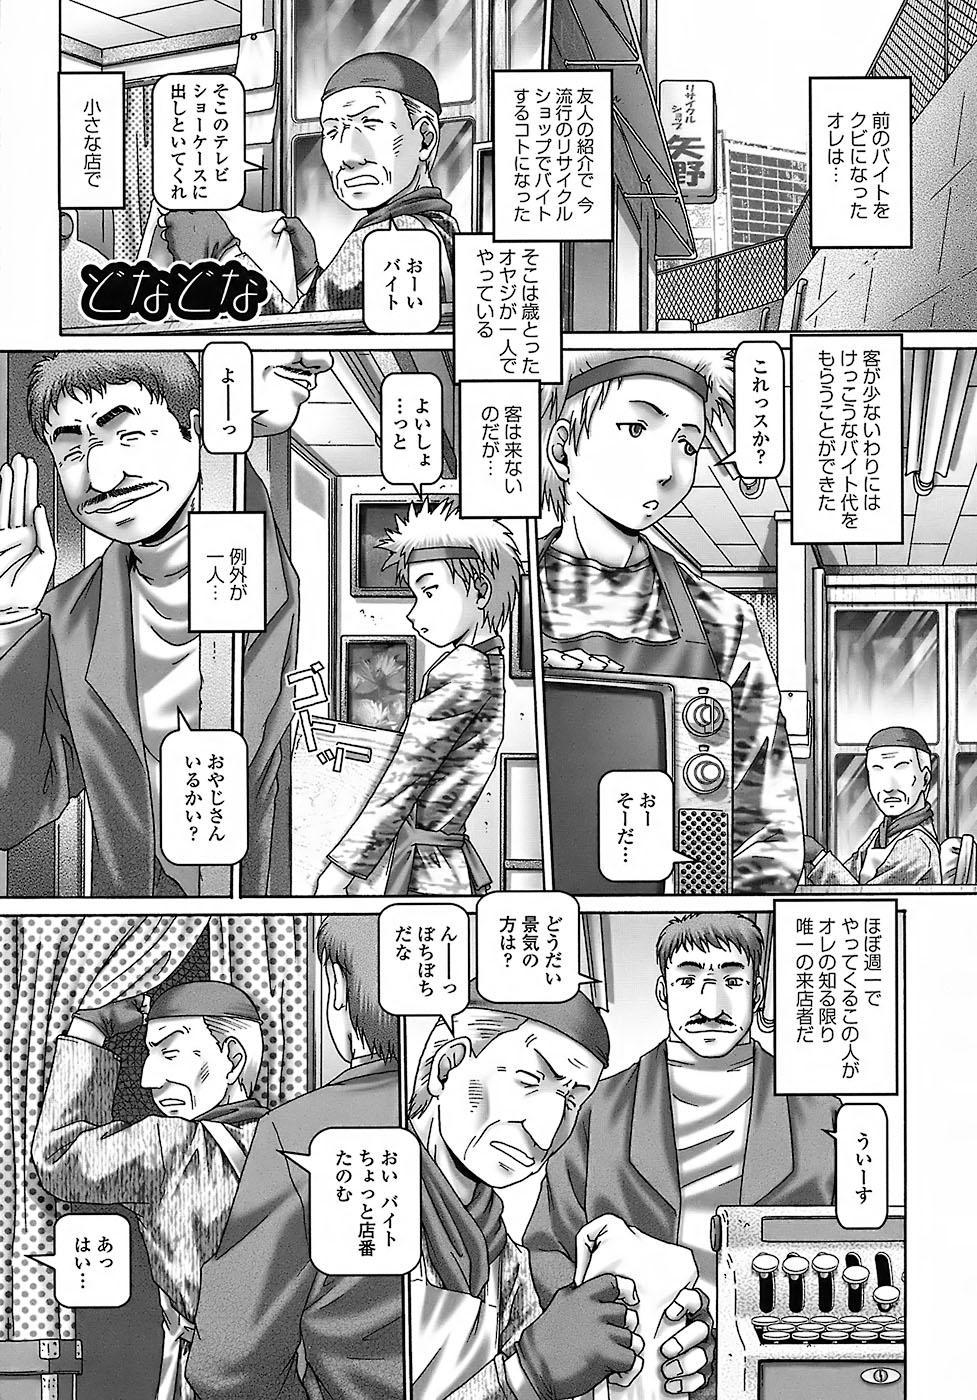 Tenshi no Shizuku 117